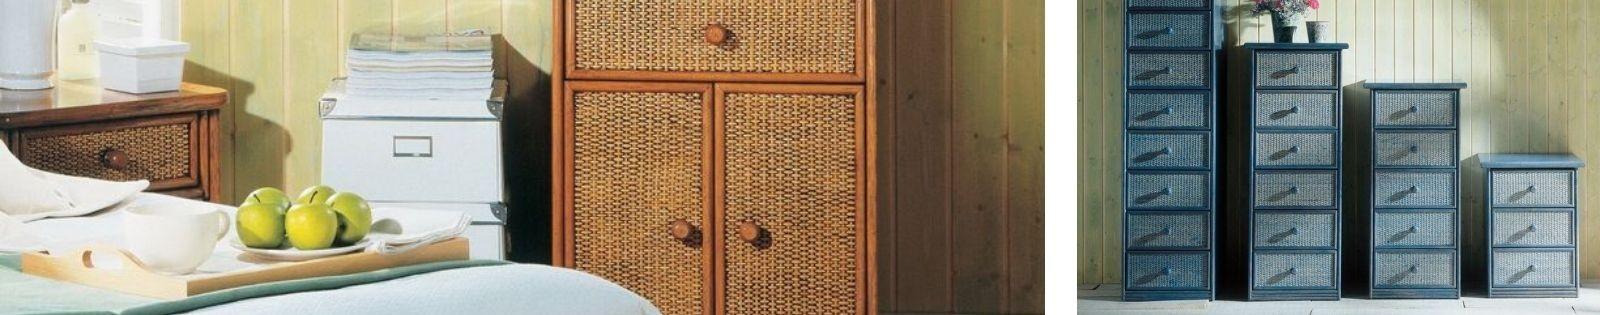 Chiffonnier Rotin : Haut de gamme de fabrication artisanale.